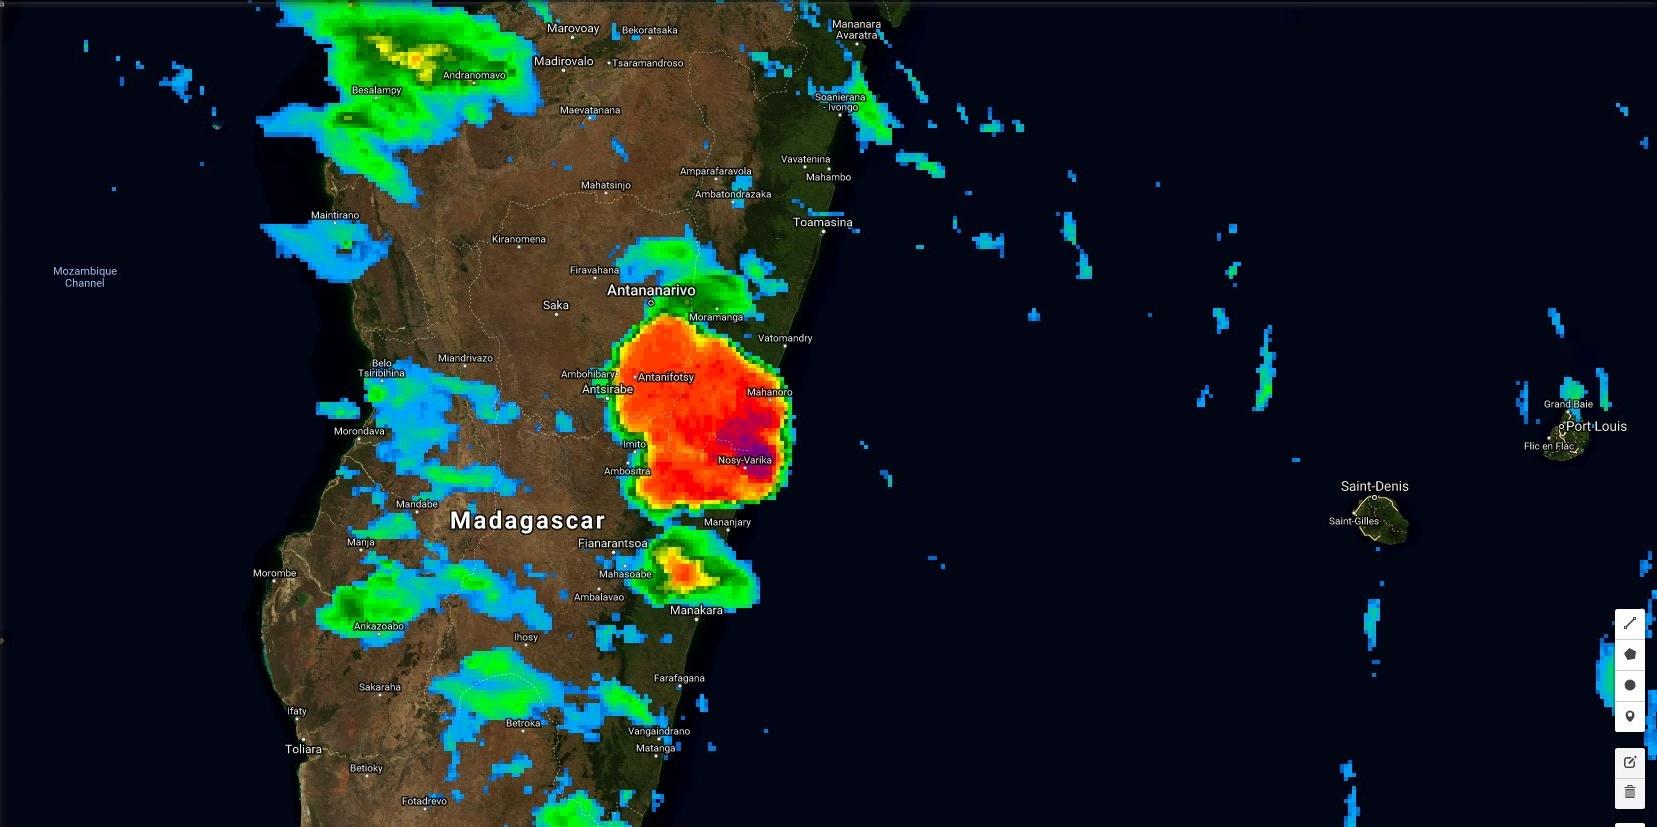 19h heure de Mada. Développent spectaculaire en 2 heures d'une zone pluvio-orageuse intense dans la région de Mahanoro.